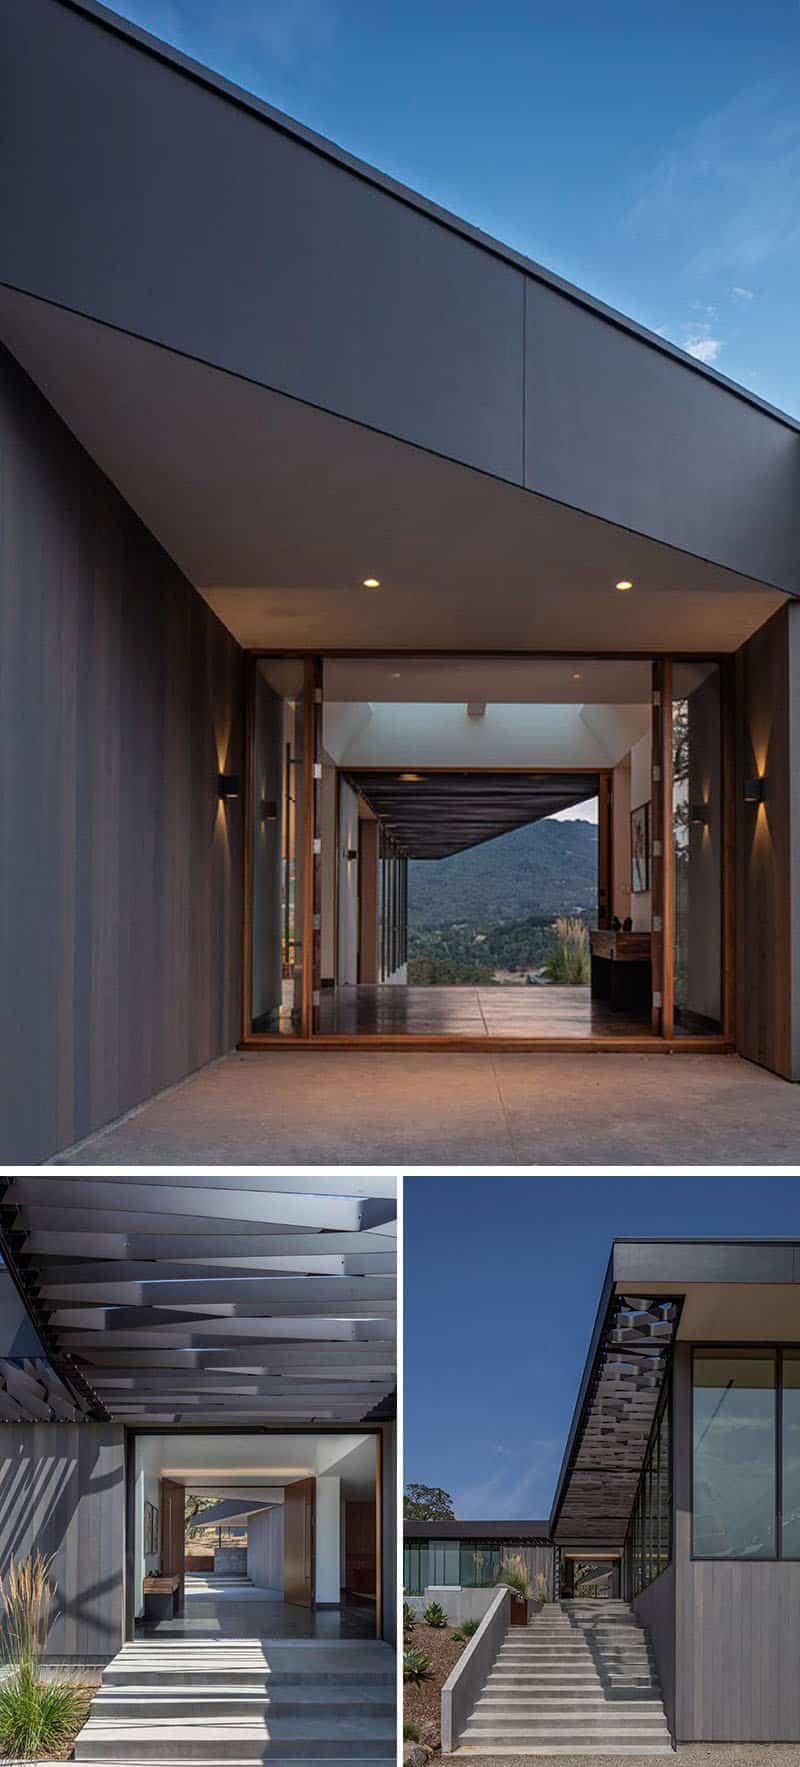 Diseño moderno de una casa con vistas panorámicas al valle de Sonoma